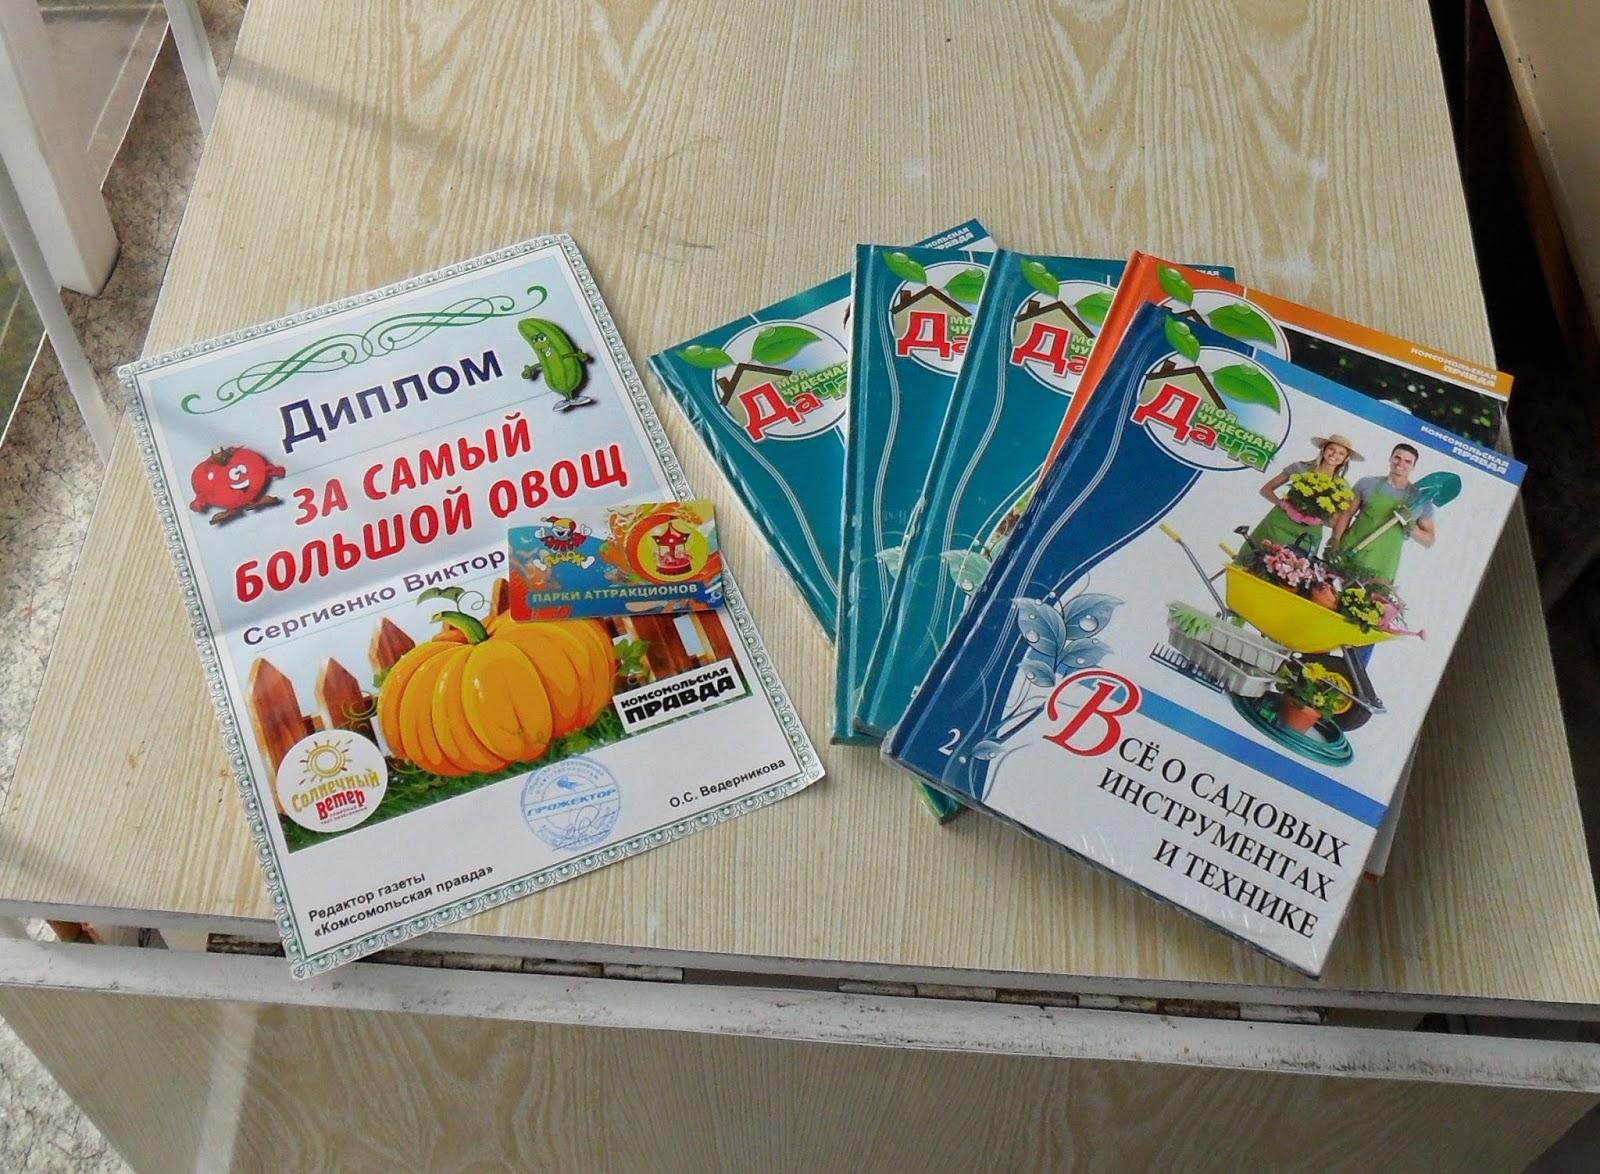 Получил диплом Комсомольской Правды и призы - книги и карточку бесплатного посещения атракционов в парке Солнечный Ветер